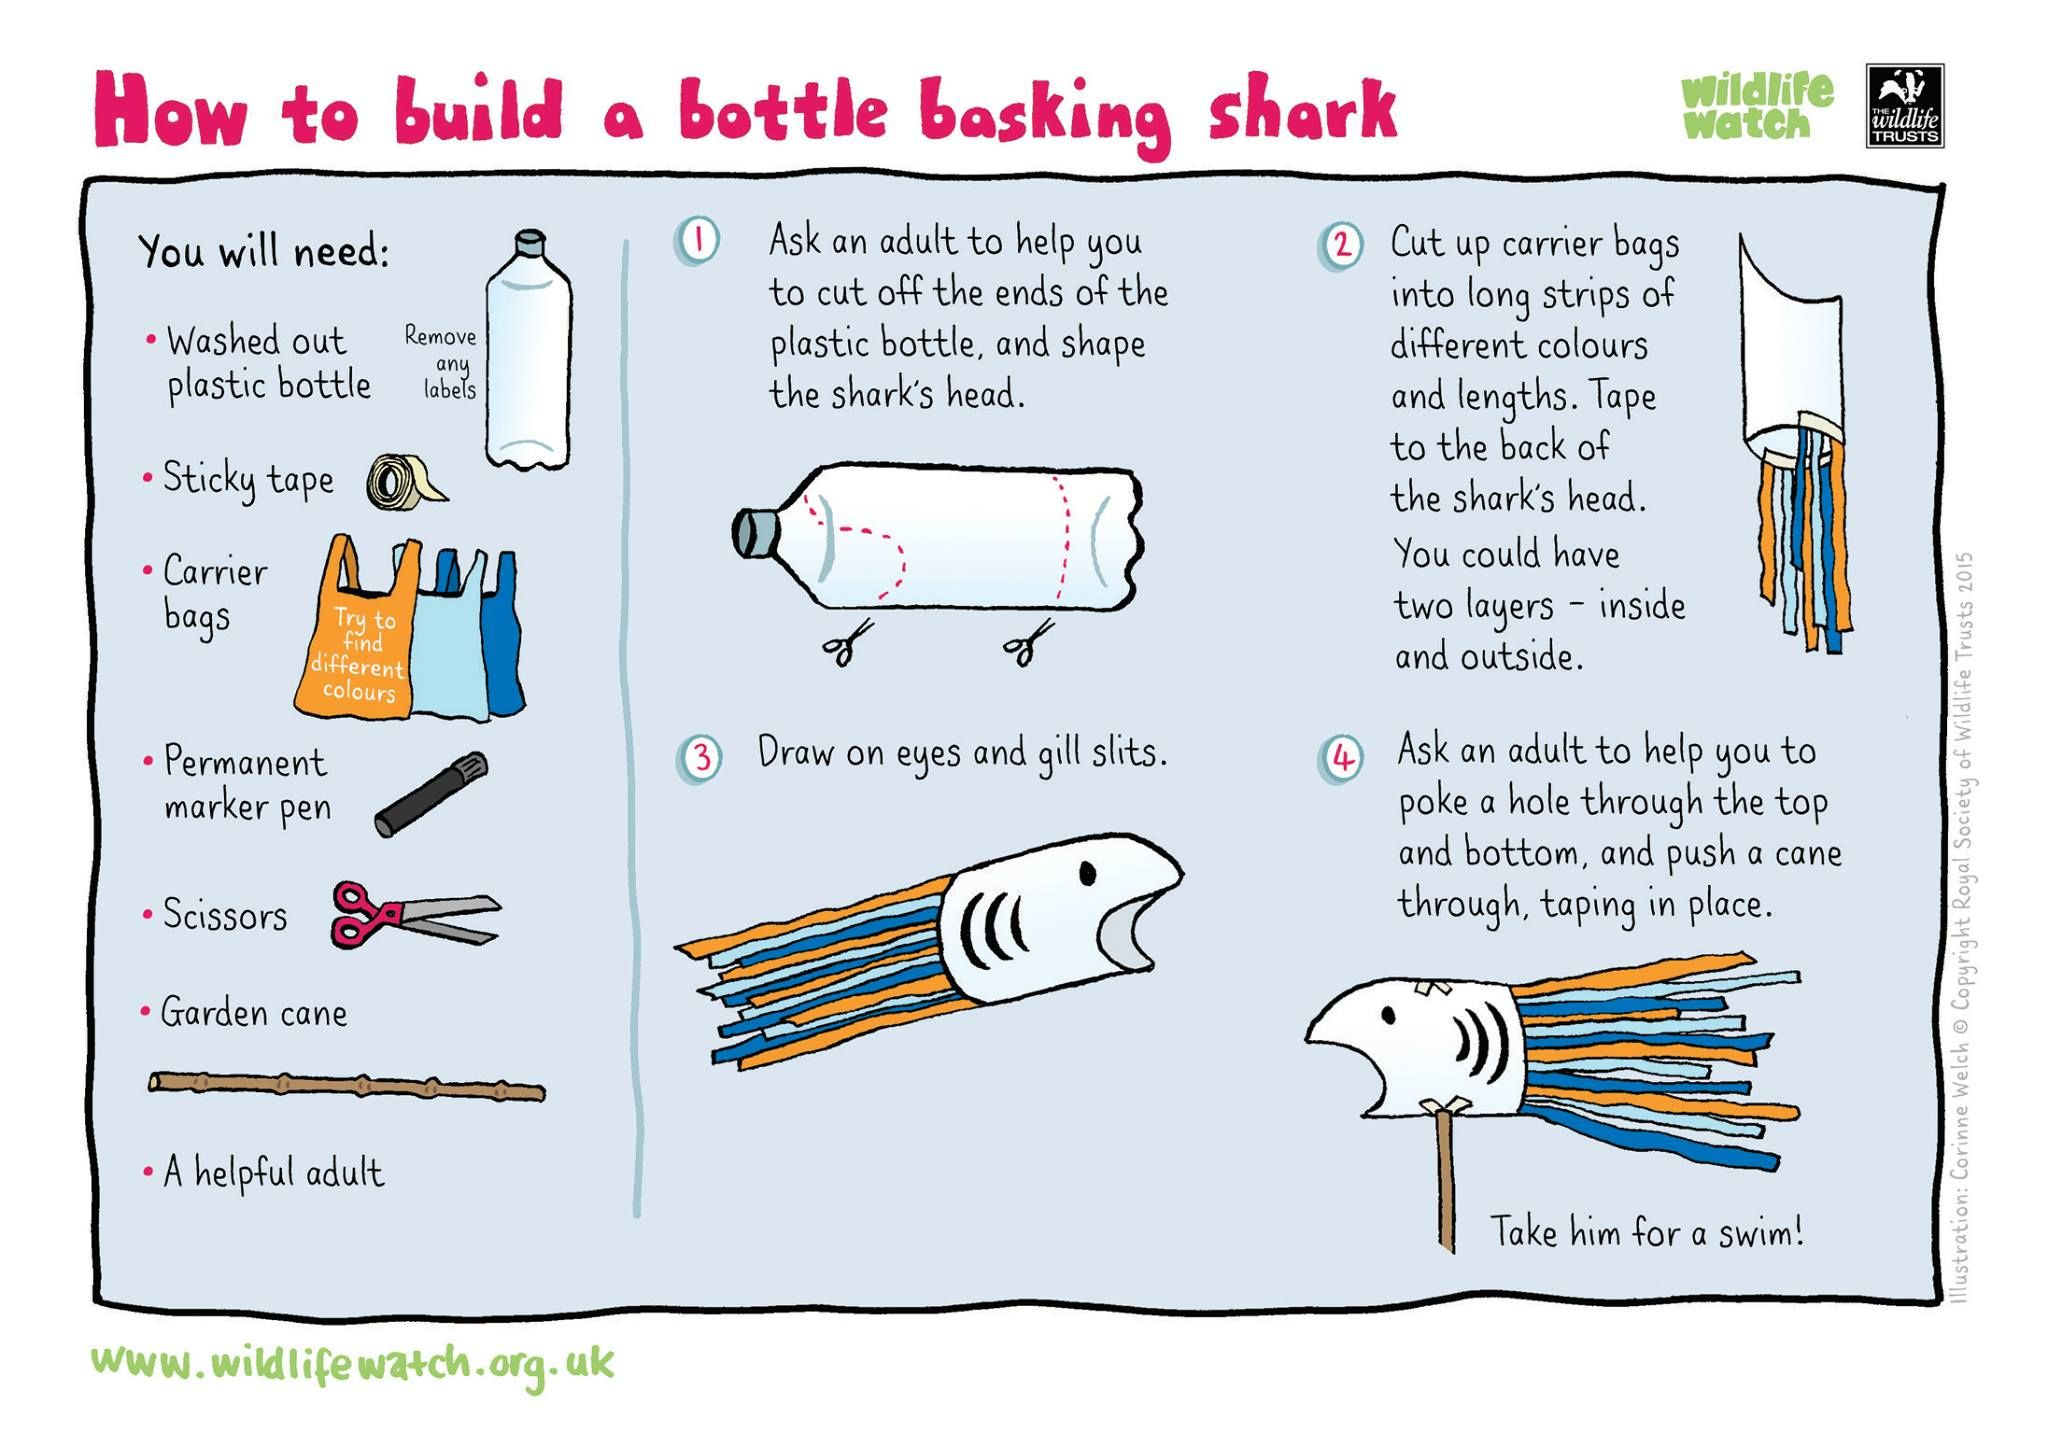 Build Your Own Bottle Basking Shark